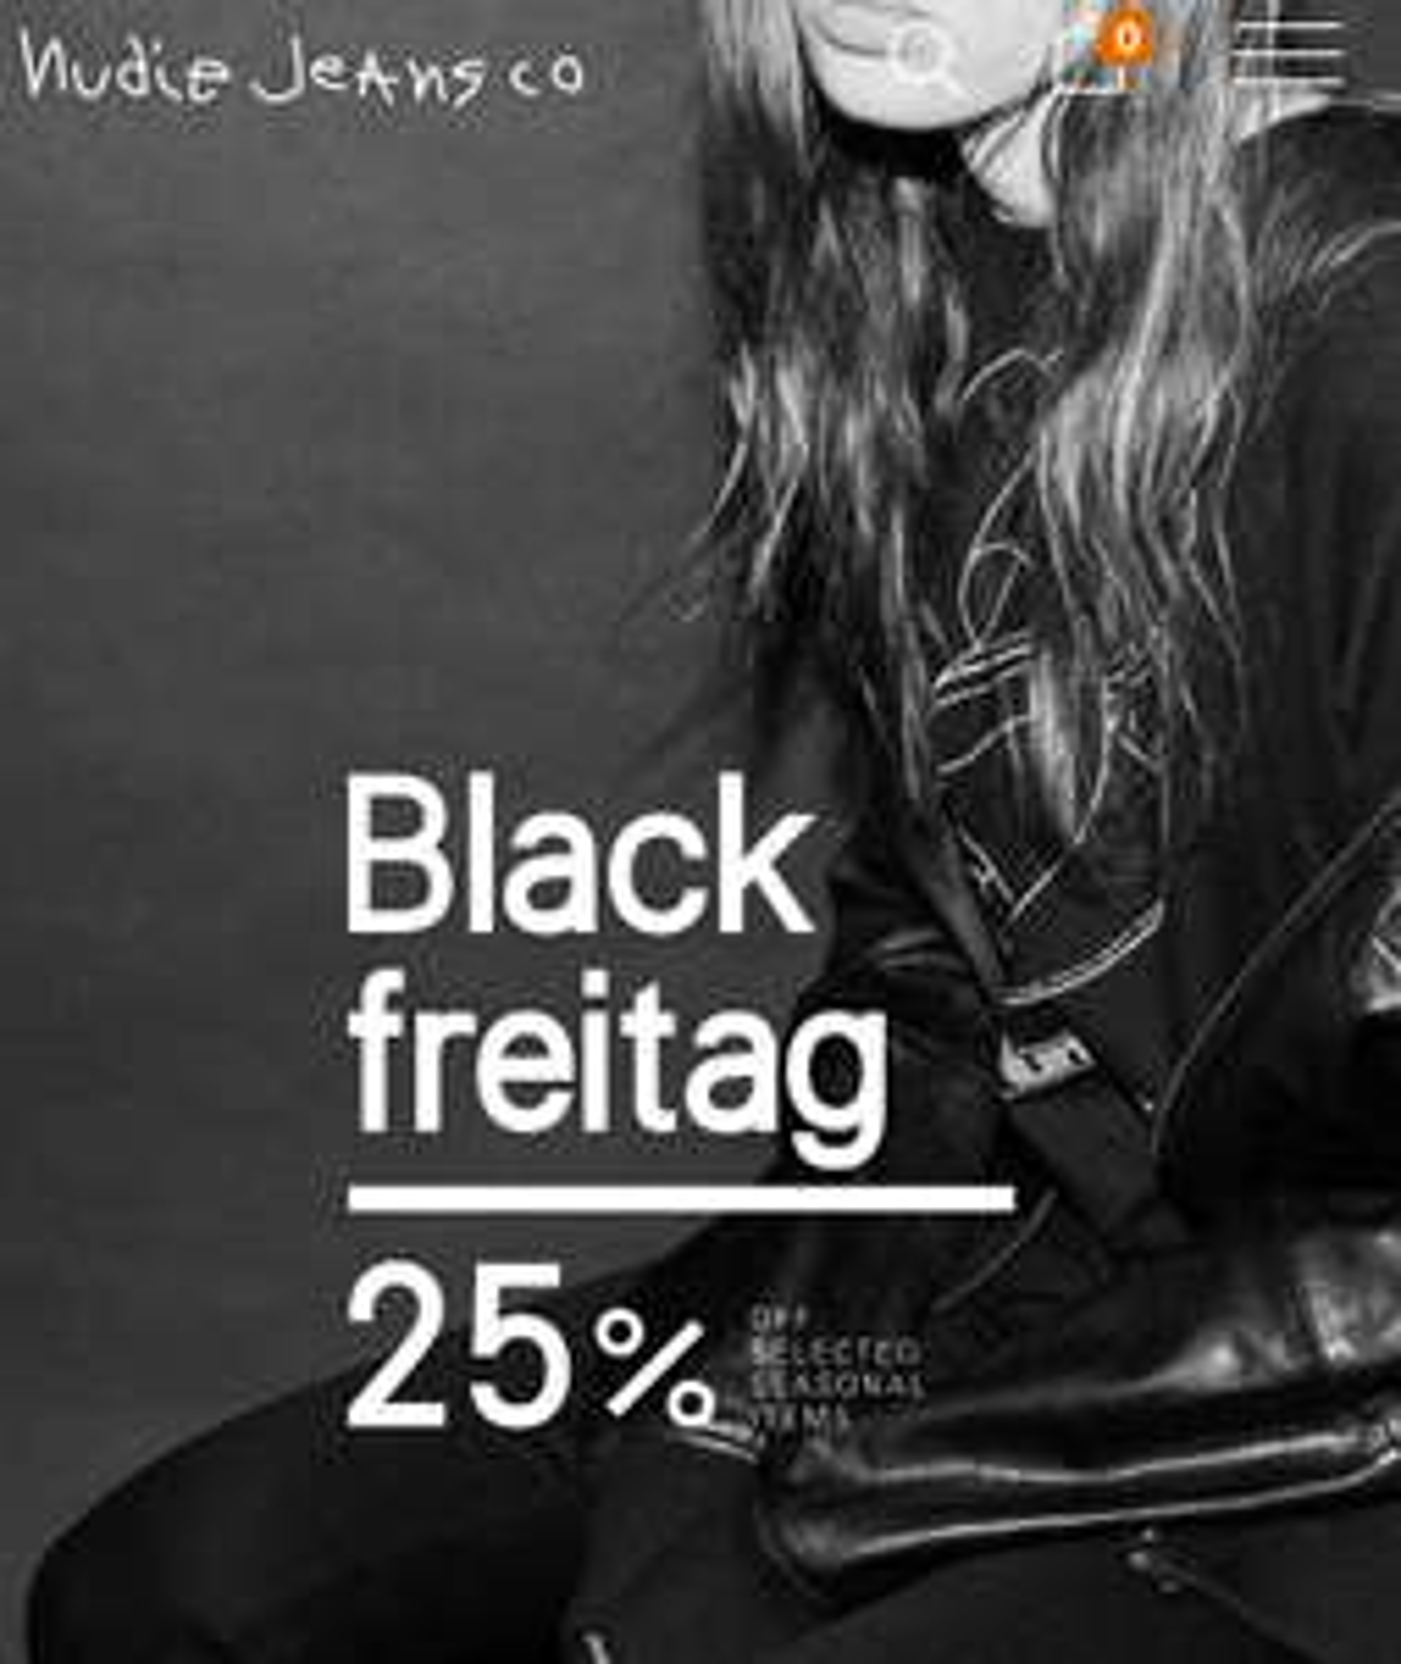 Nudie Jeans 25 % auf ausgewählte Artikel - Black Friday